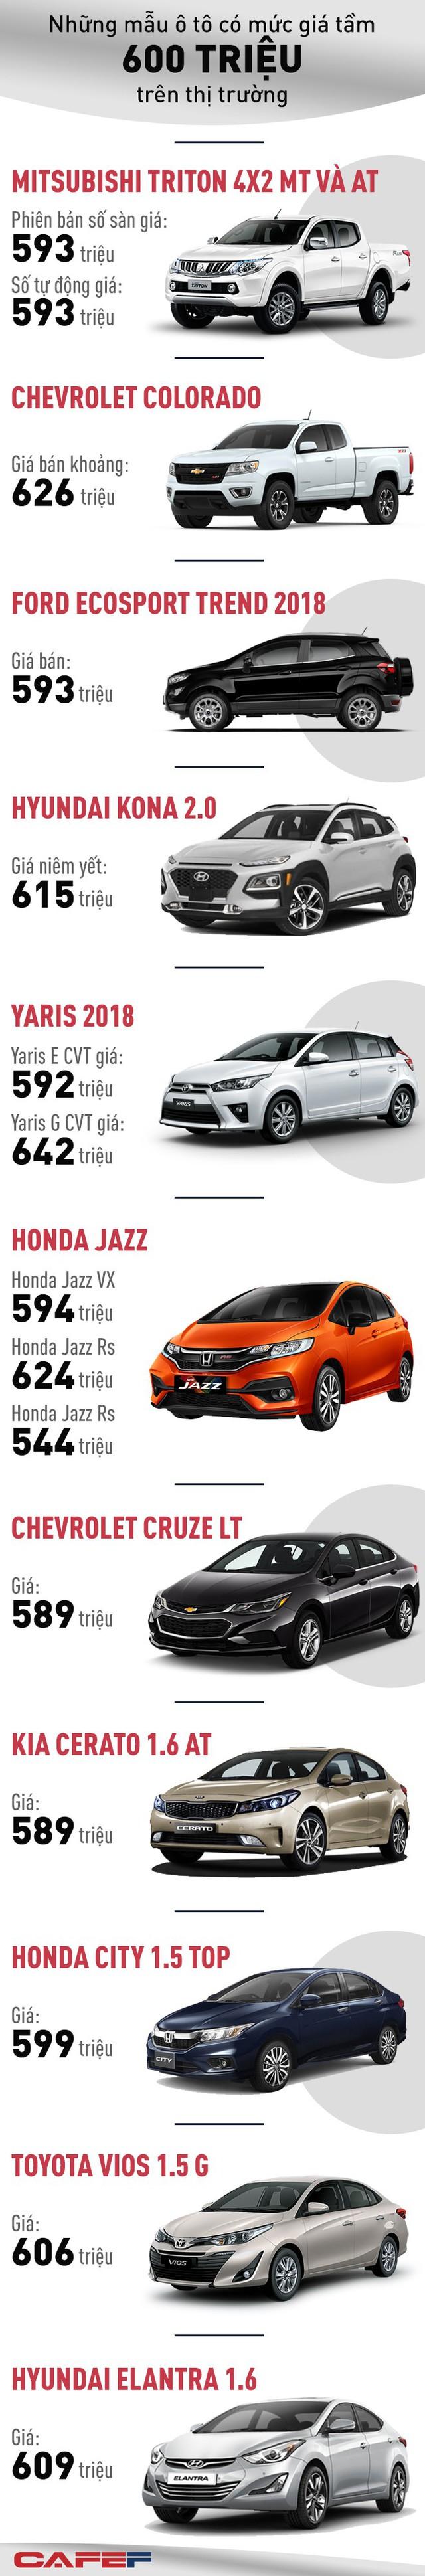 Những mẫu ô tô có mức giá khoảng 600 triệu hot trên thị trường - Ảnh 1.